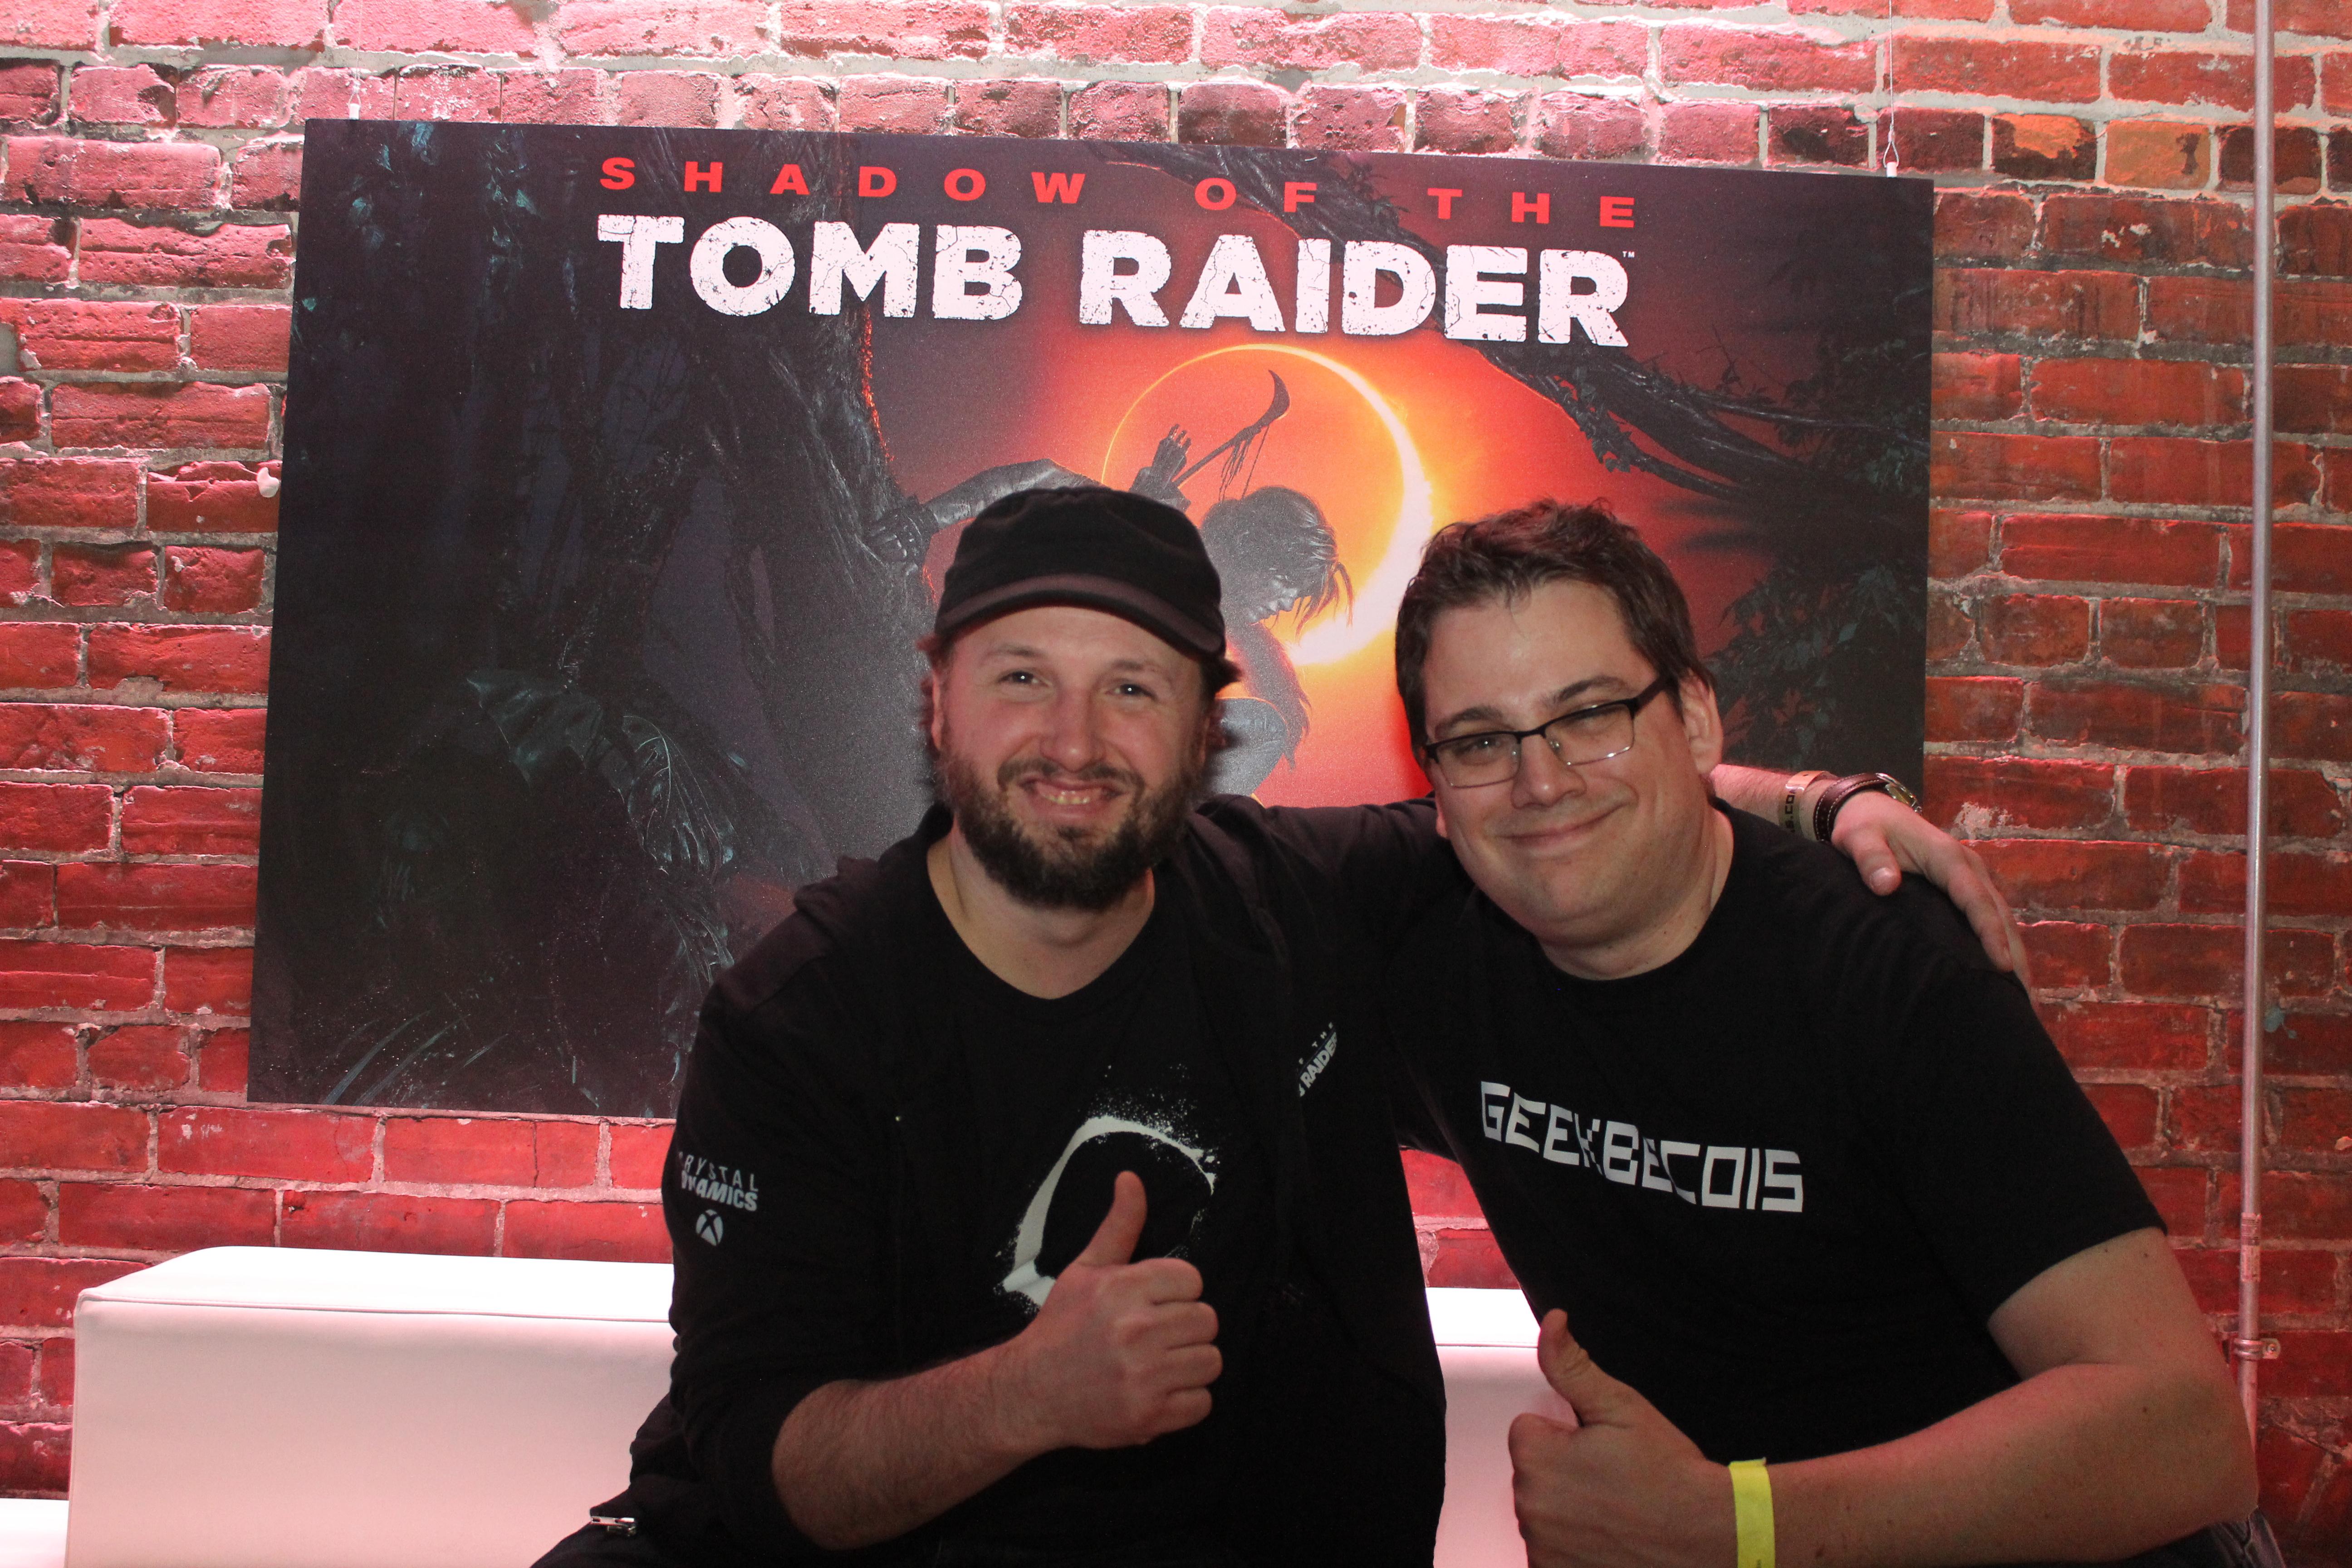 Daniel Chayer-Bisson, directeur artistique pour Shadow of the Tomb Raider